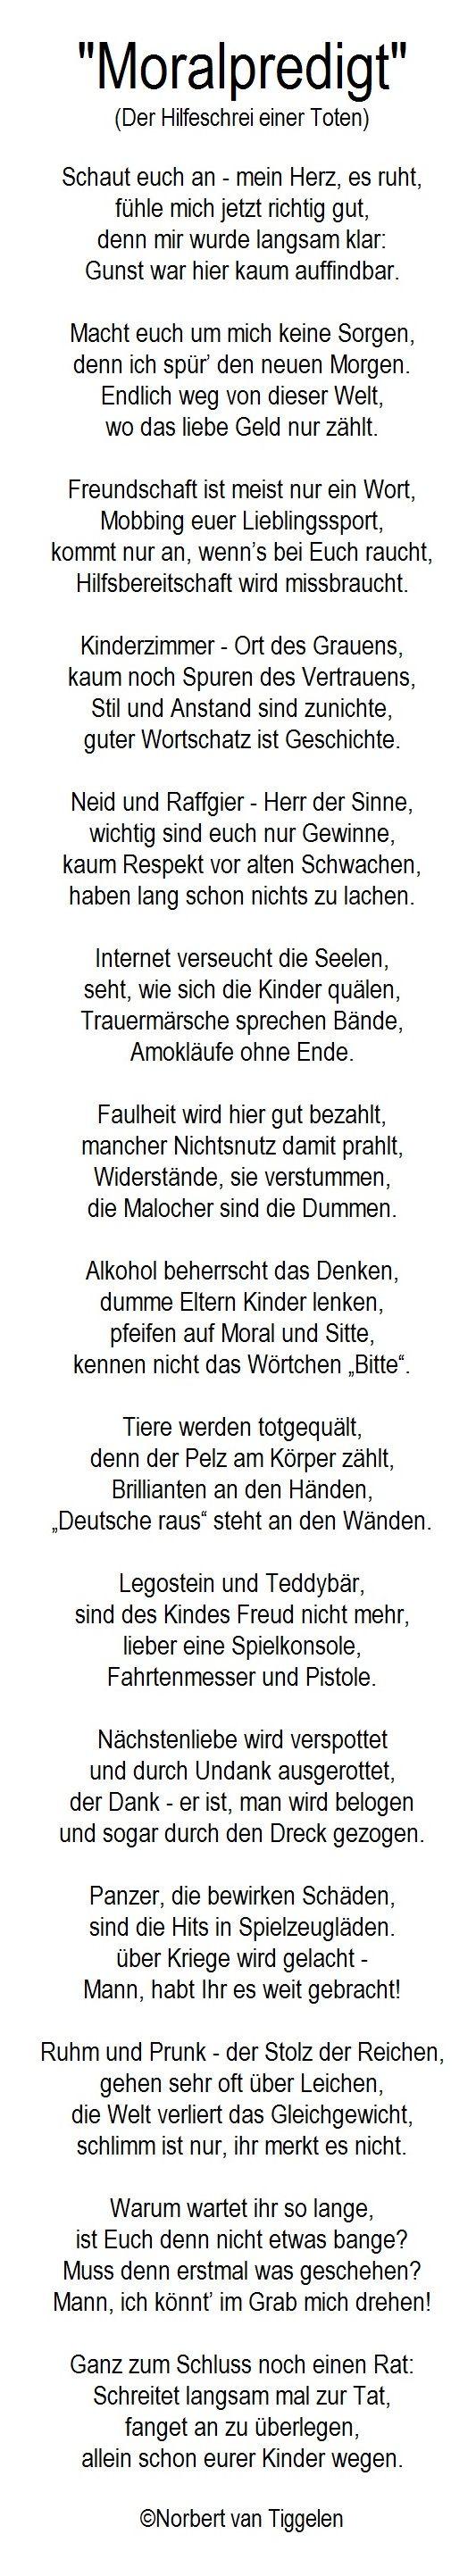 Grabrede, Tod, Van Tiggelen, Gedichte, Menschen, Leben, Weisheit, Welt ·  ErdeLebensweisheiten ZitateDankbarkeitWahrheitenGedankenSprüche ...